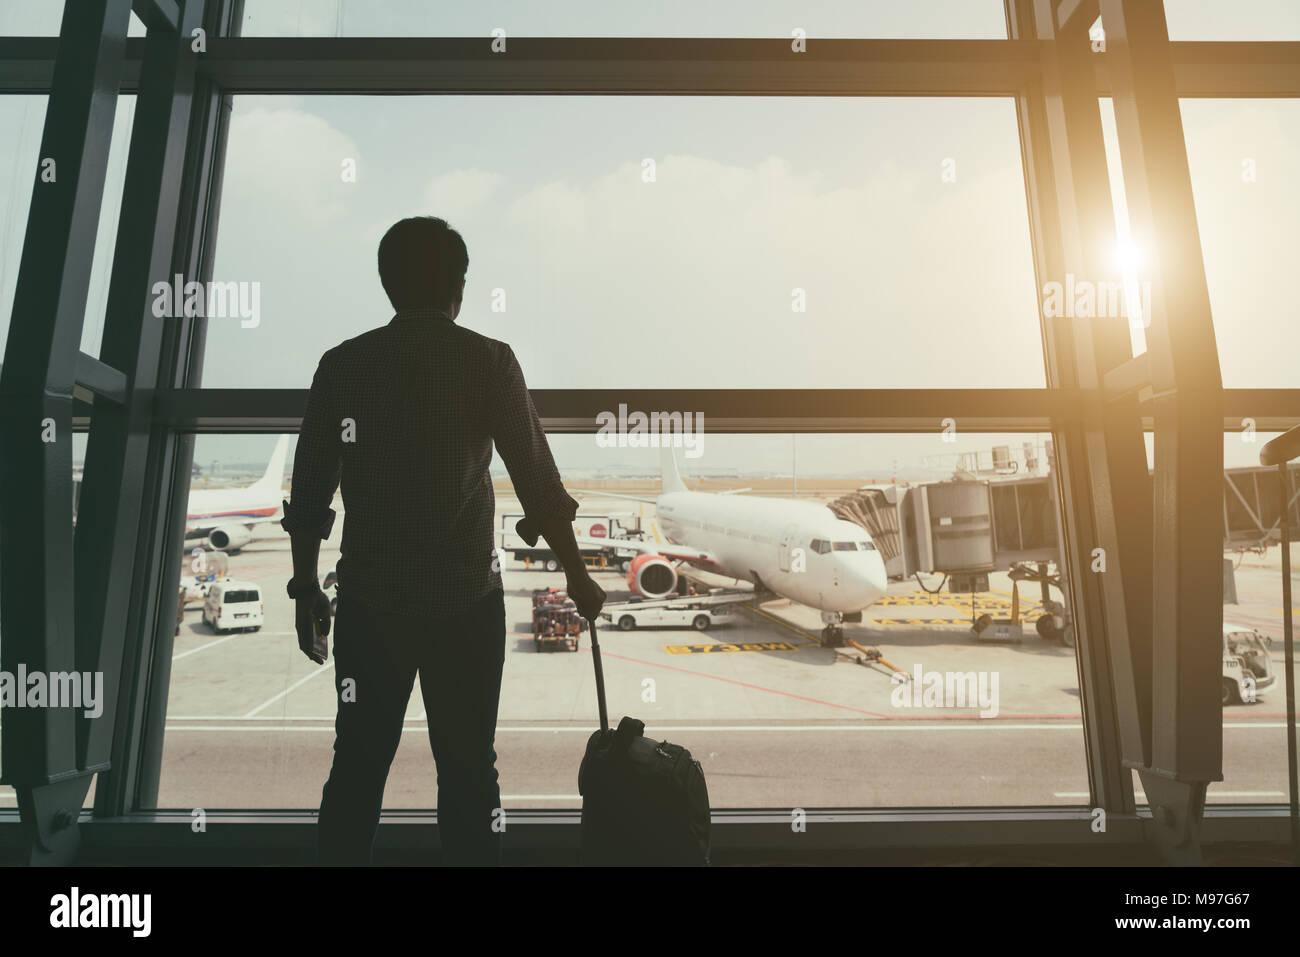 Rückseite des Reisenden jungen in Termainal am Flughafen Blick auf die fliegenden Flugzeug über Flughafen, Reisen und Urlaub-Lifestyle-Konzept Stockbild